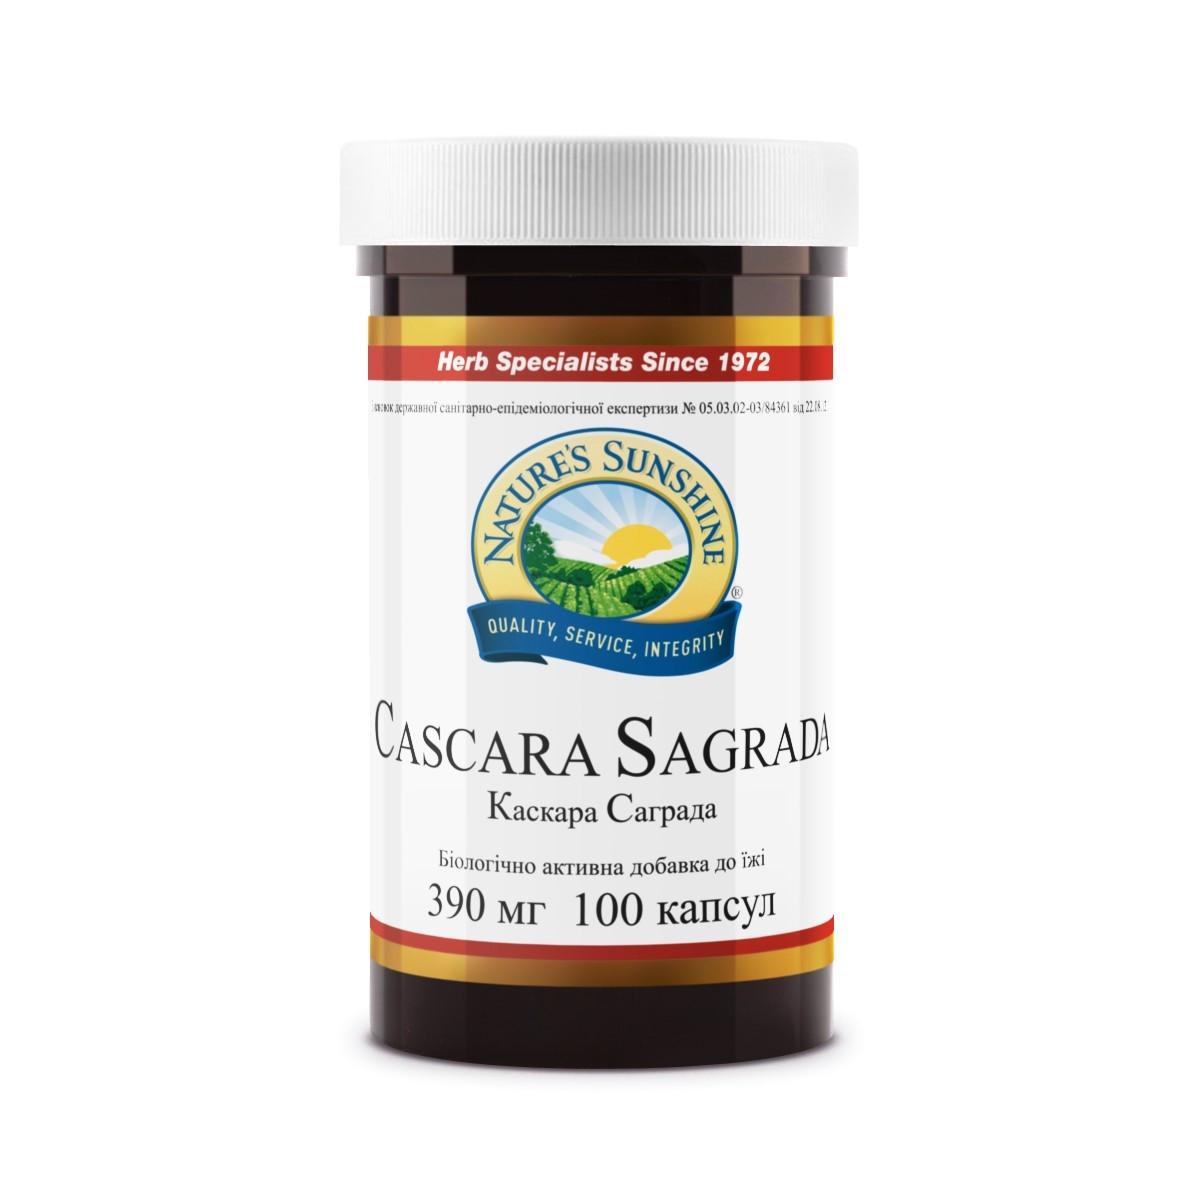 Casсara Sagrada Каскара Саграда, НСП, США.  Лучшее средство для здоровой работы кишечника!